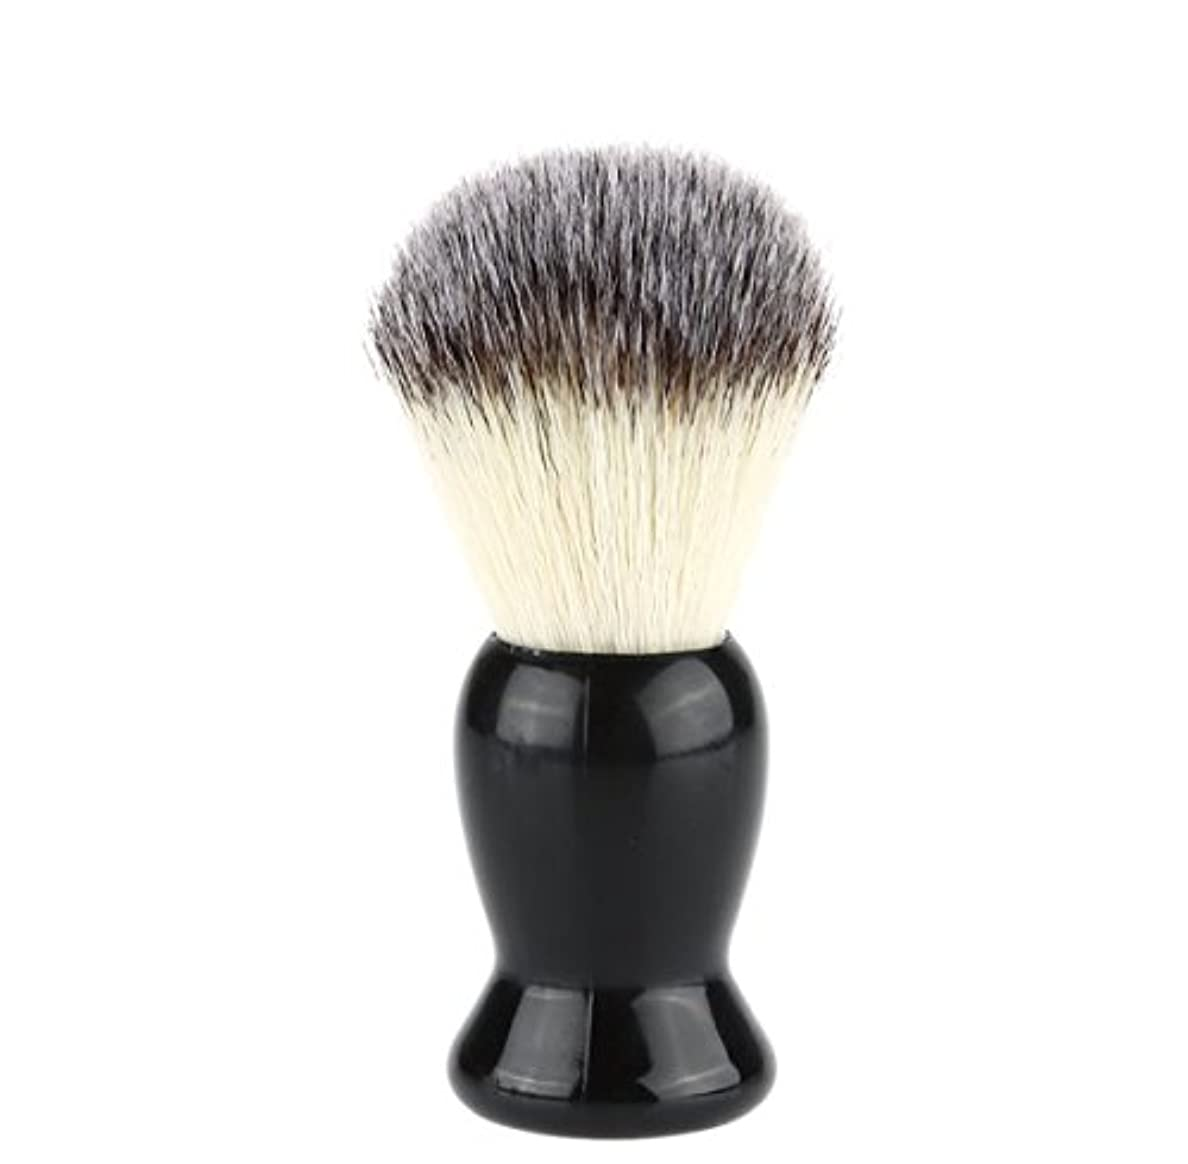 知り合いになるルート情熱的Superb Barber Salon Shaving Brush Black Handle Face Beard Cleaning Men Shaving Razor Brush Cleaning Appliance...